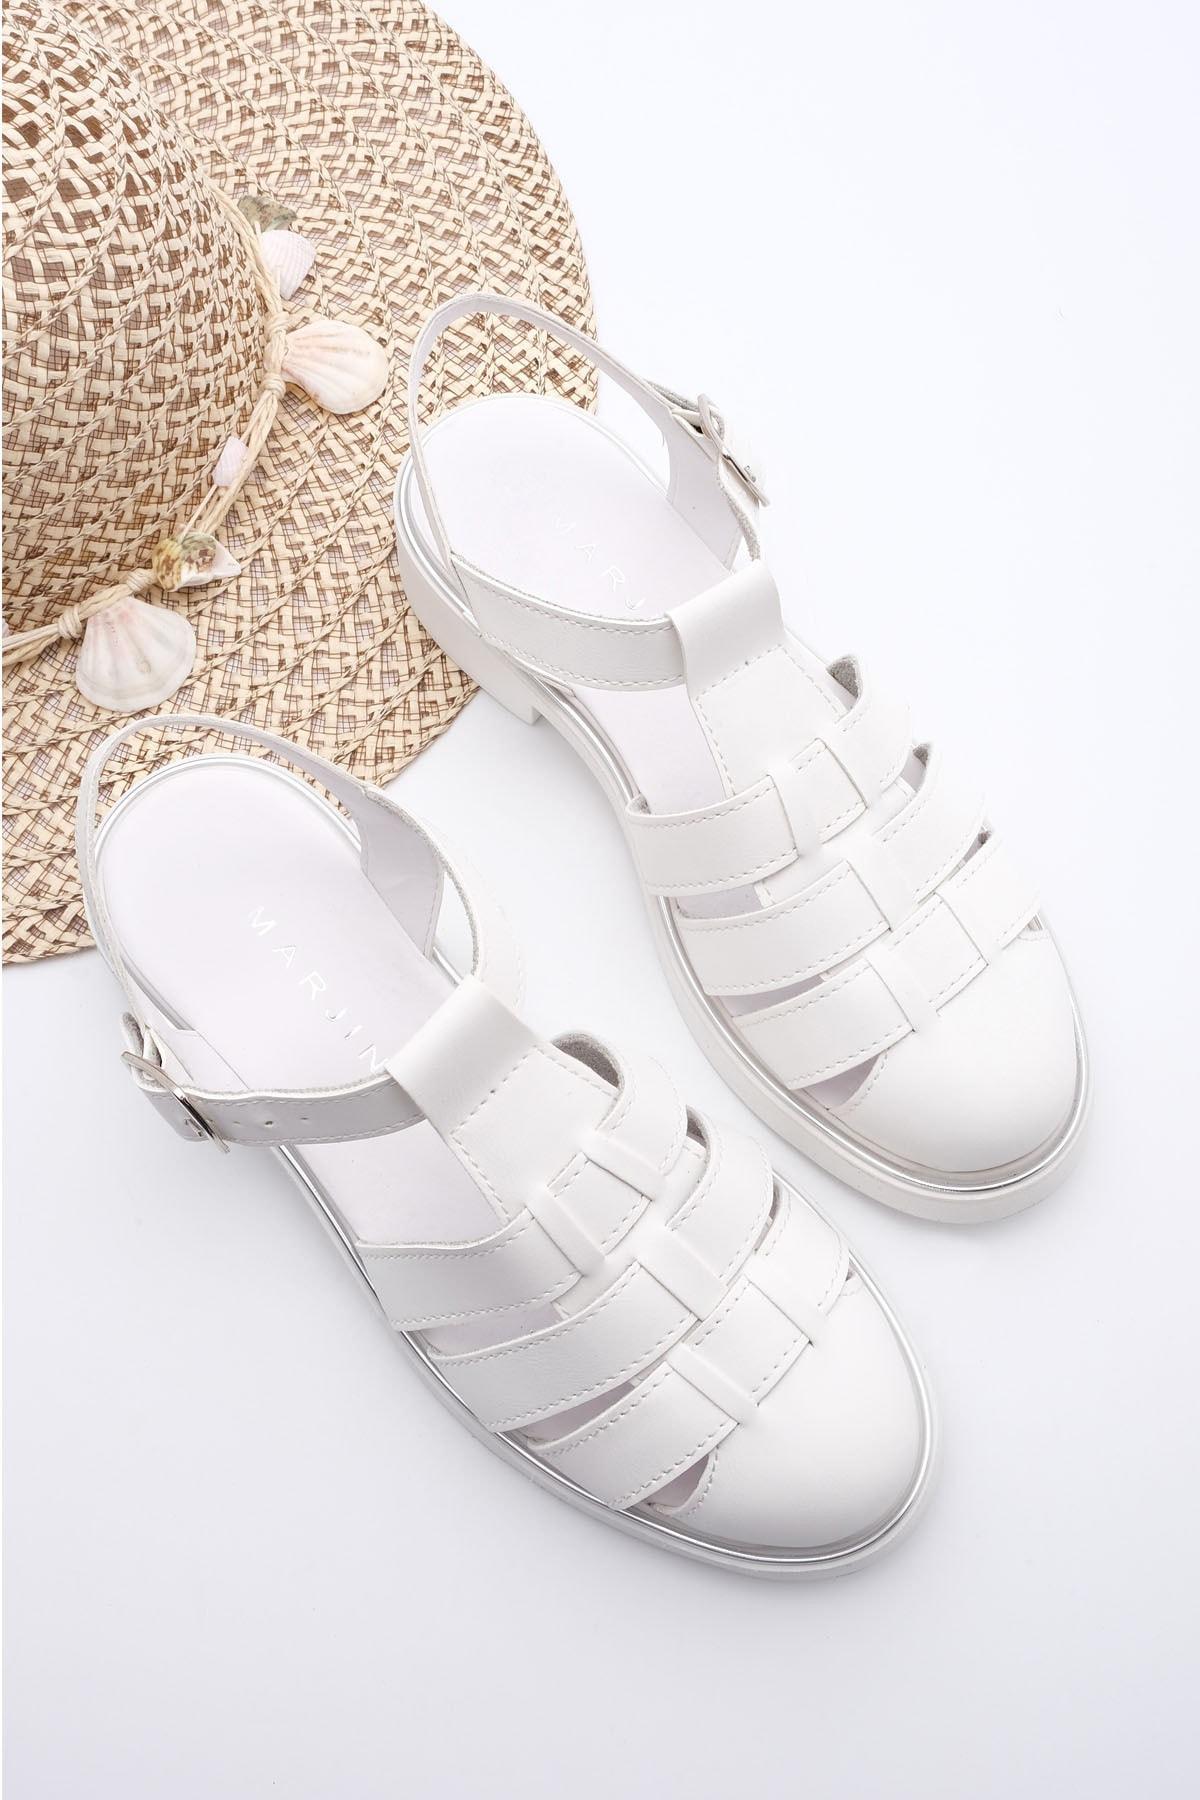 Kadın Sandalet beyaz